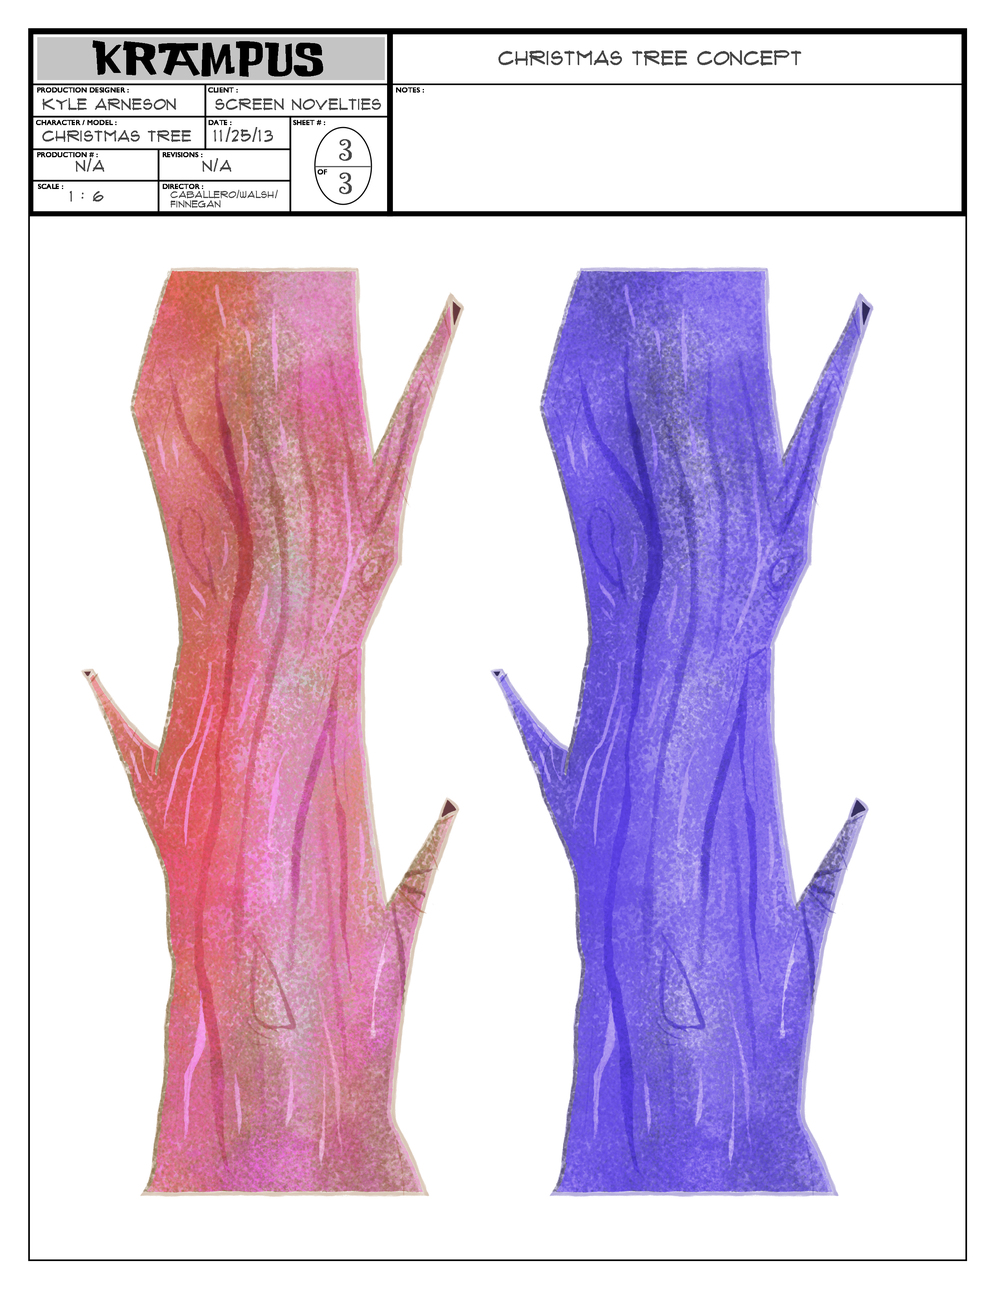 Krampus Image 05.jpg